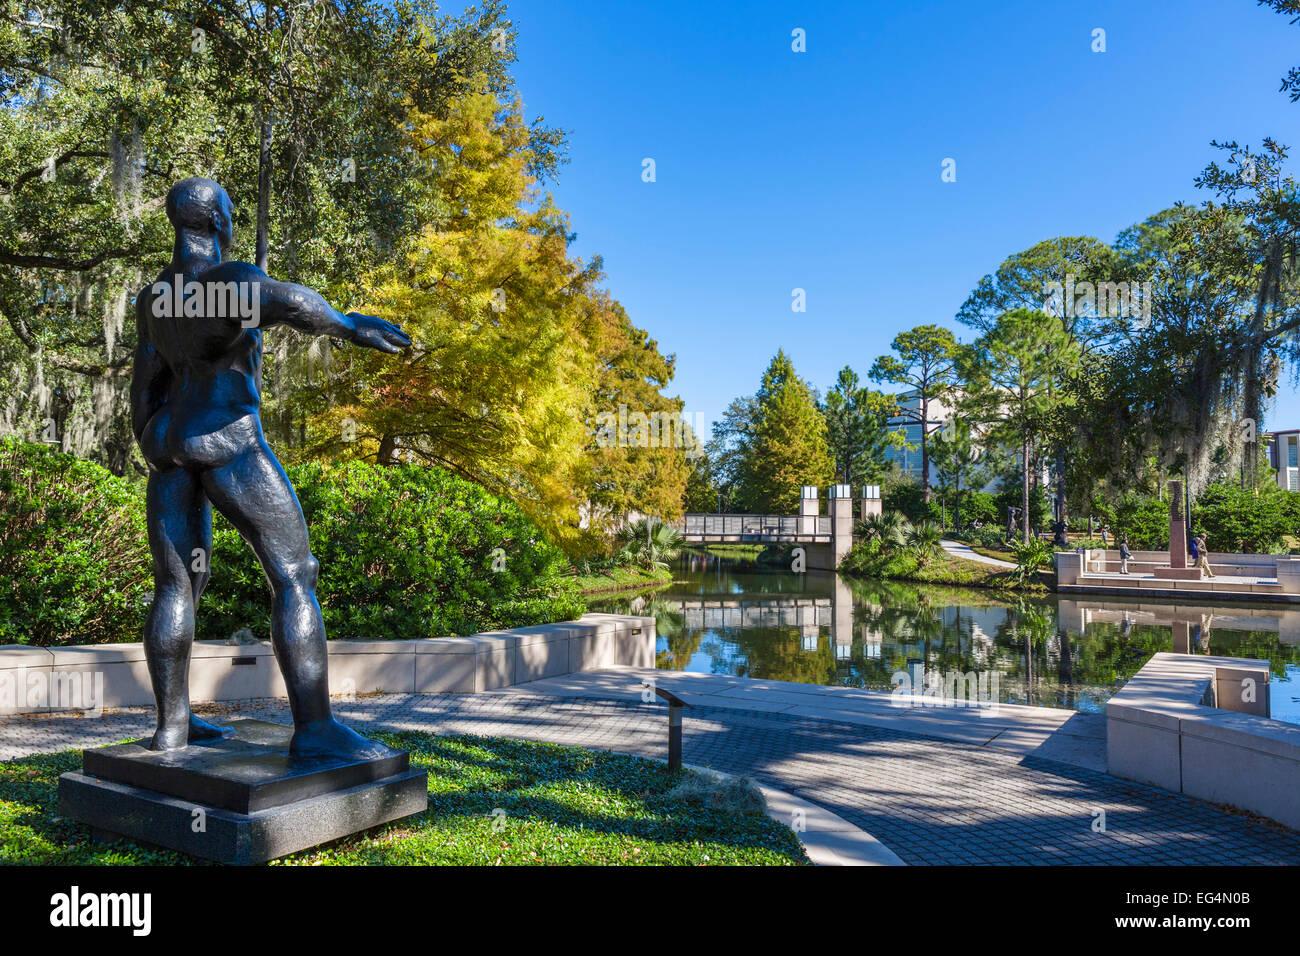 Sculpture Garden with Gaston Lachaise\'s \